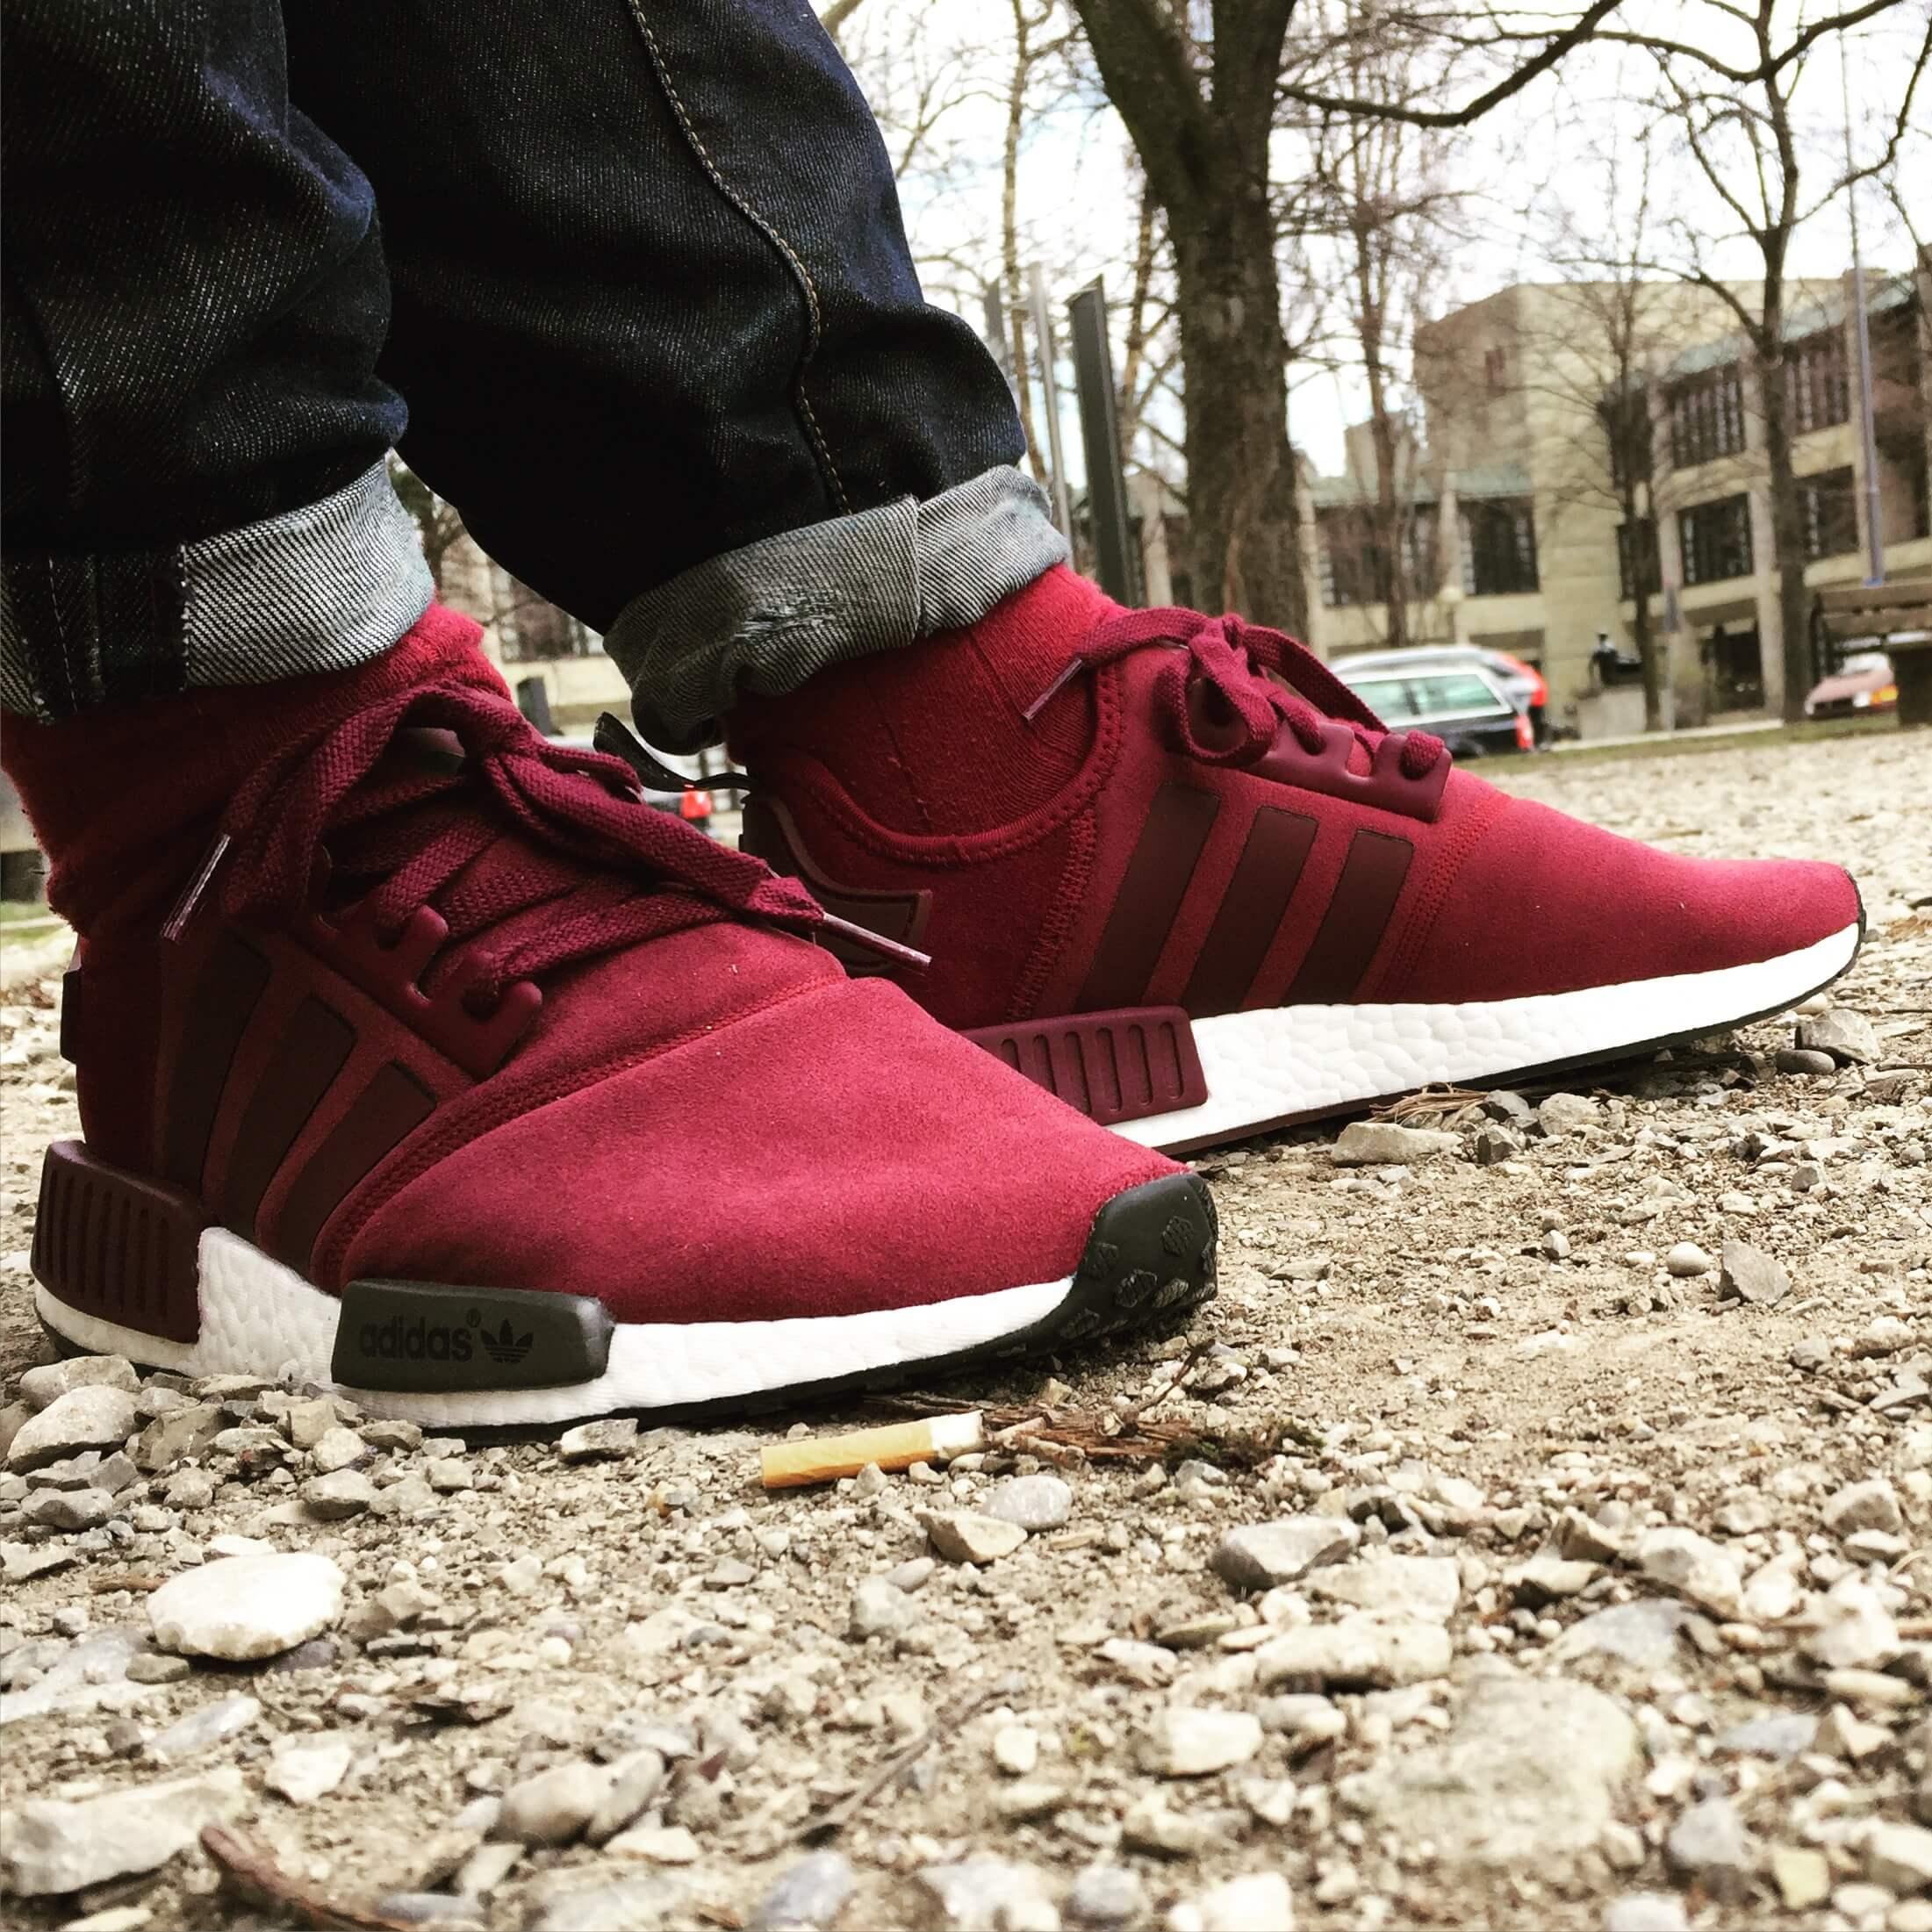 Adidas-NMD-R1-Suede-Side-View-Benstah-Onfeet